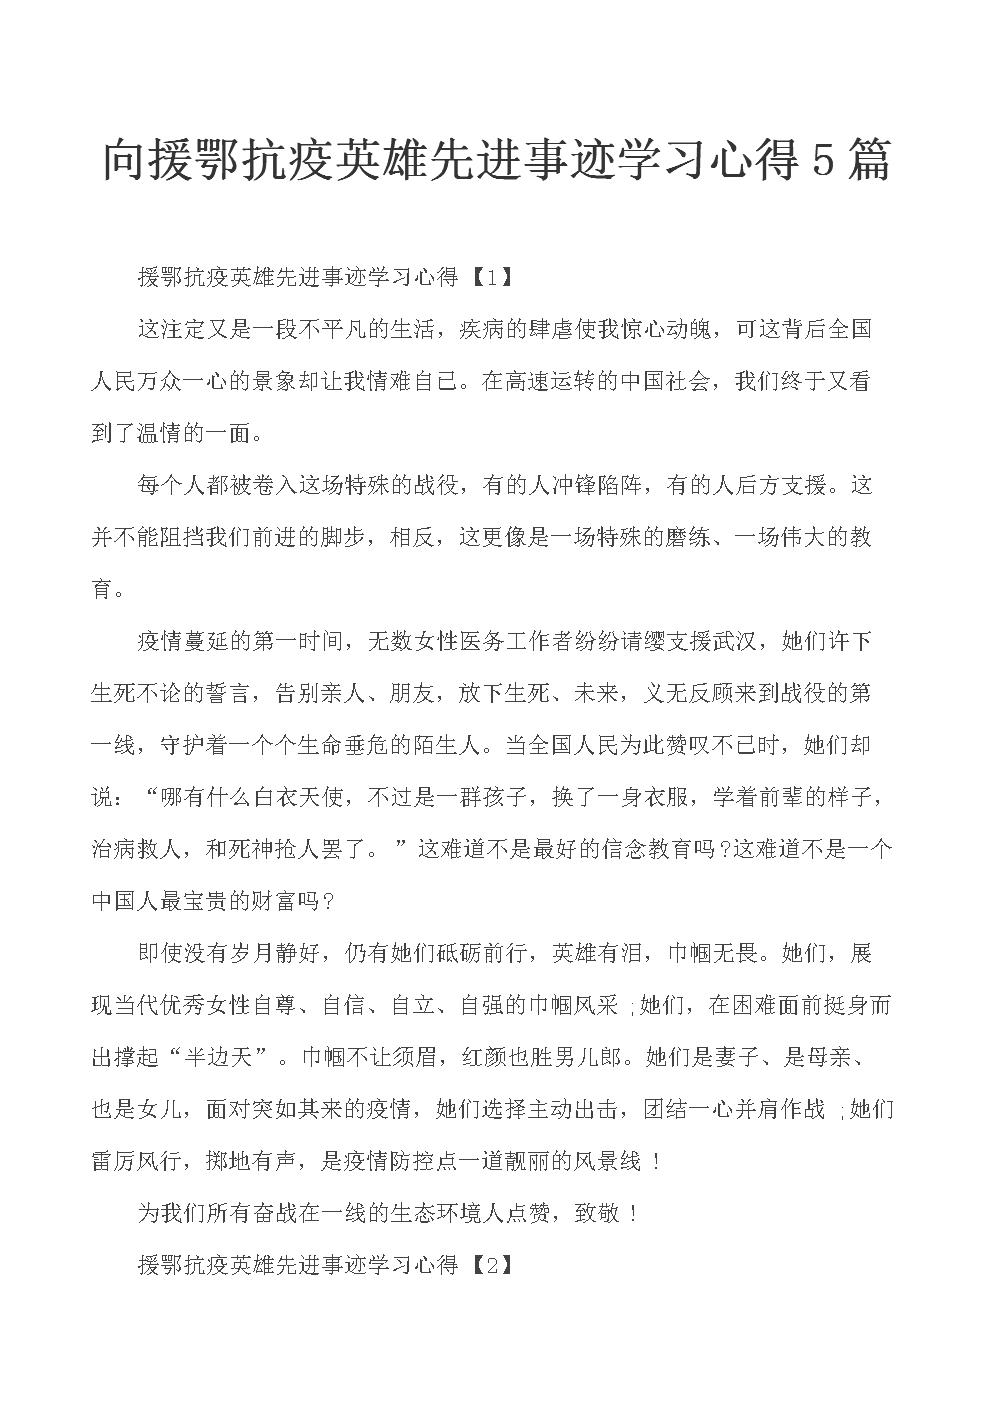 向援鄂抗疫英雄先进事迹学习心得5篇.docx